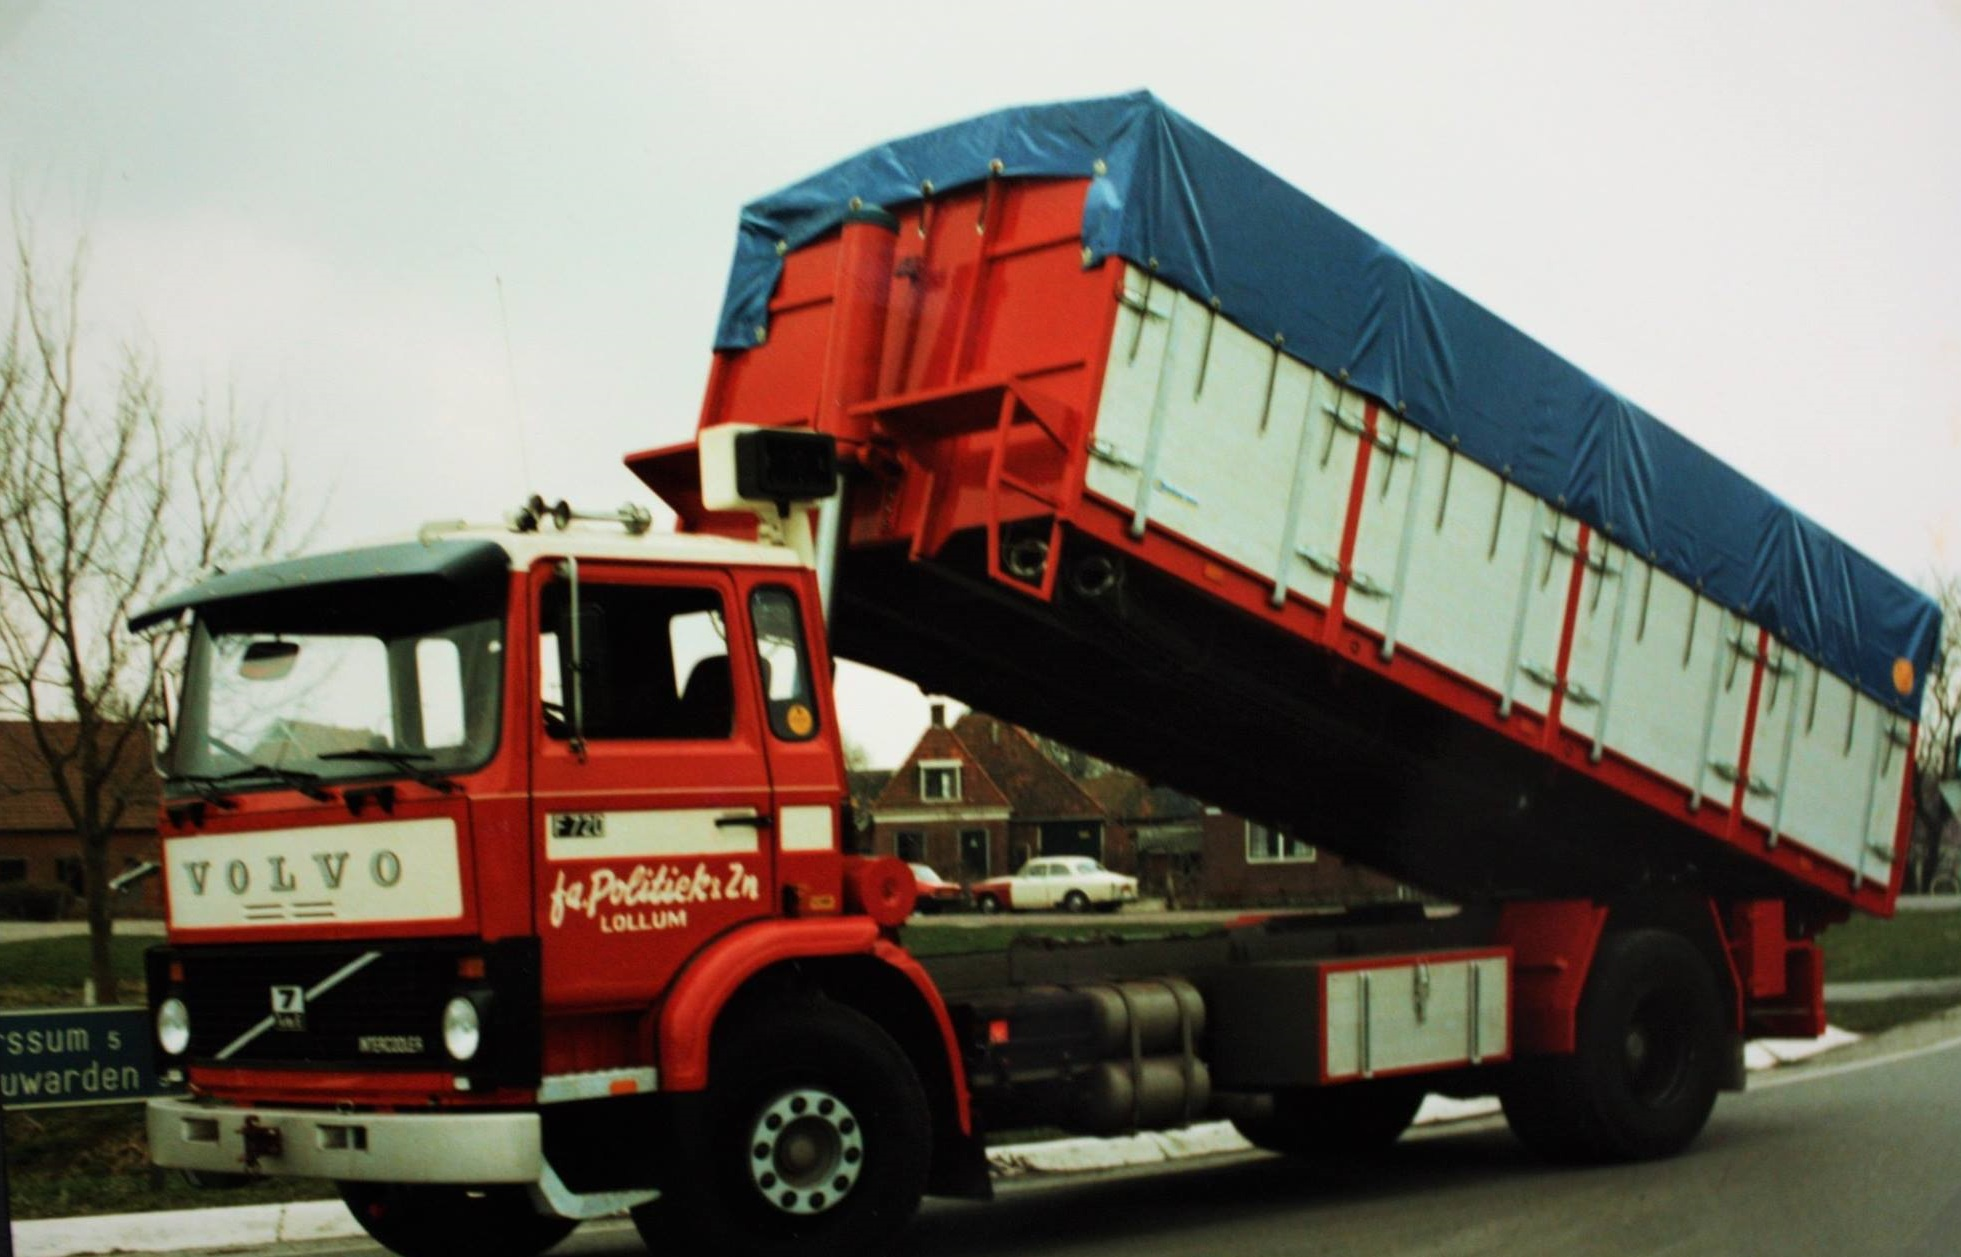 bulkauto-gebouwd-door-Rondaan-voor-Fa-Politiek-uit-Lollum-3